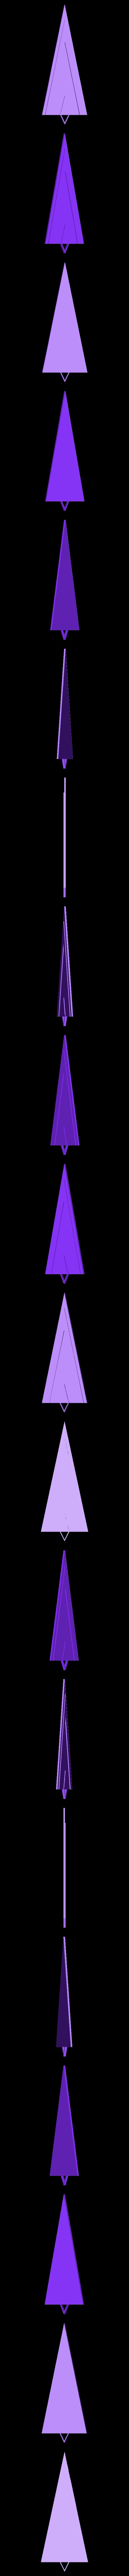 pendiente triangulo.stl Télécharger fichier STL gratuit Pendiente / Boucle d'oreille • Objet pour impression 3D, amg3D